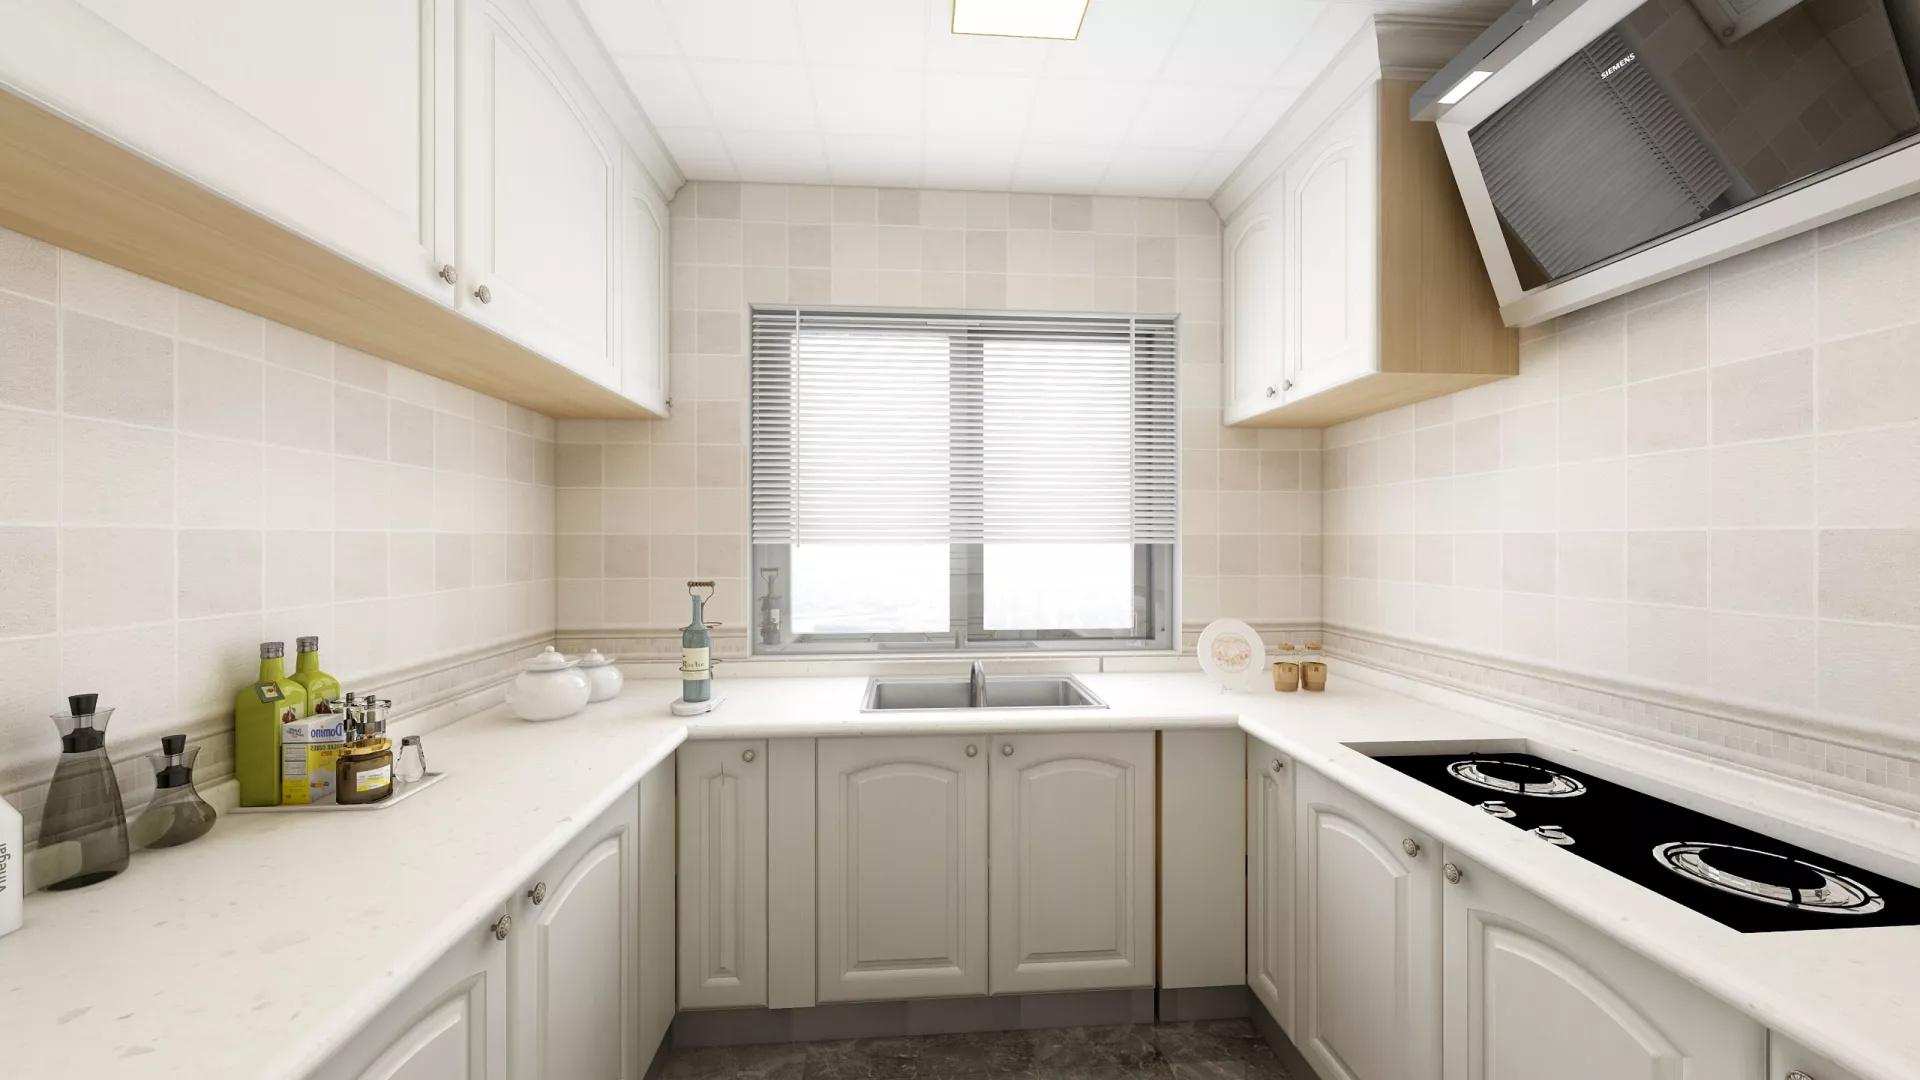 低奢现代风简欧风家居装修设计效果图